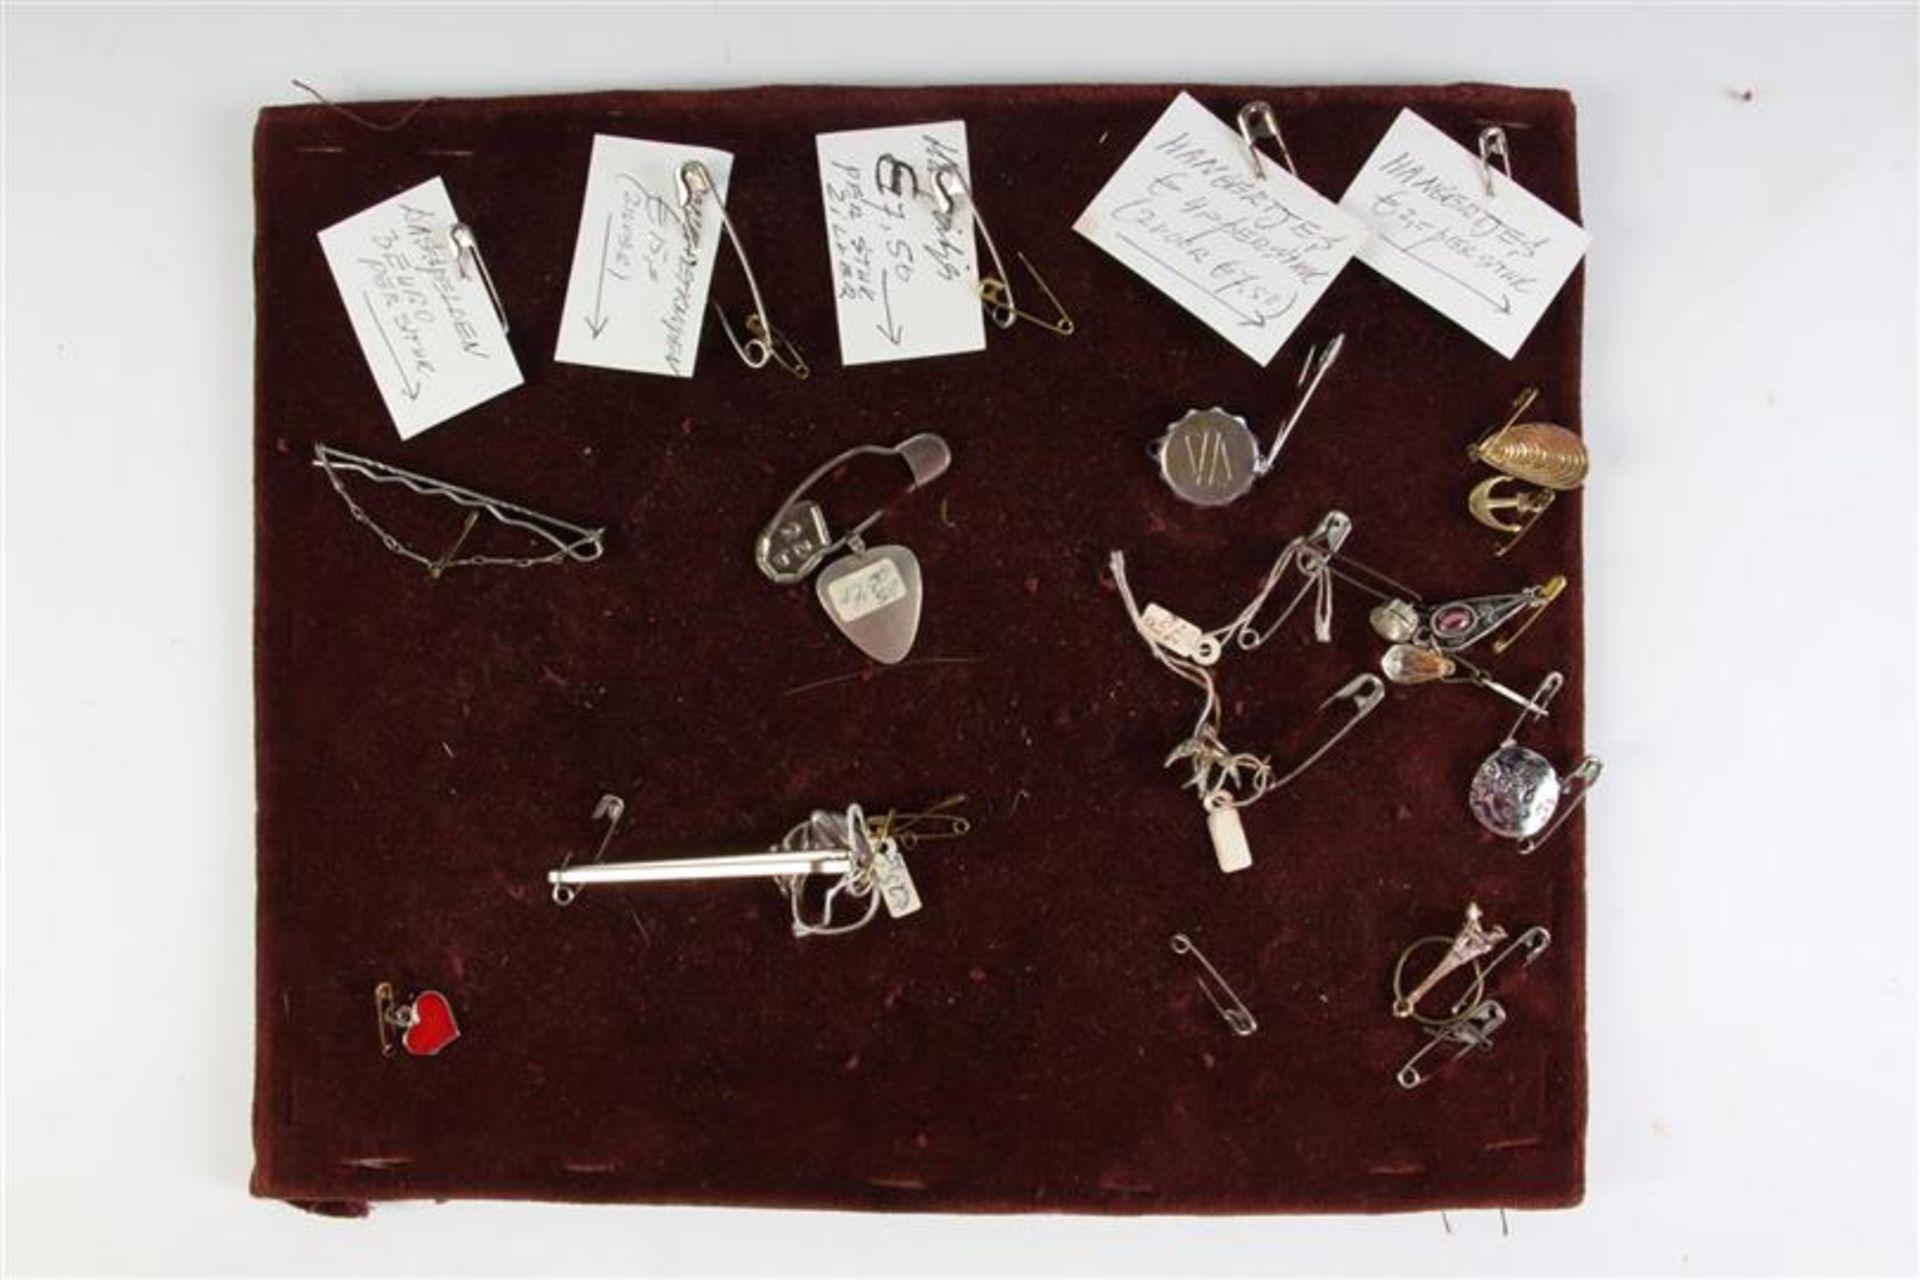 Houten tafelvitrine met sieraden. HxBxD: 55.5 x 37 x 13.5 cm. - Bild 4 aus 5